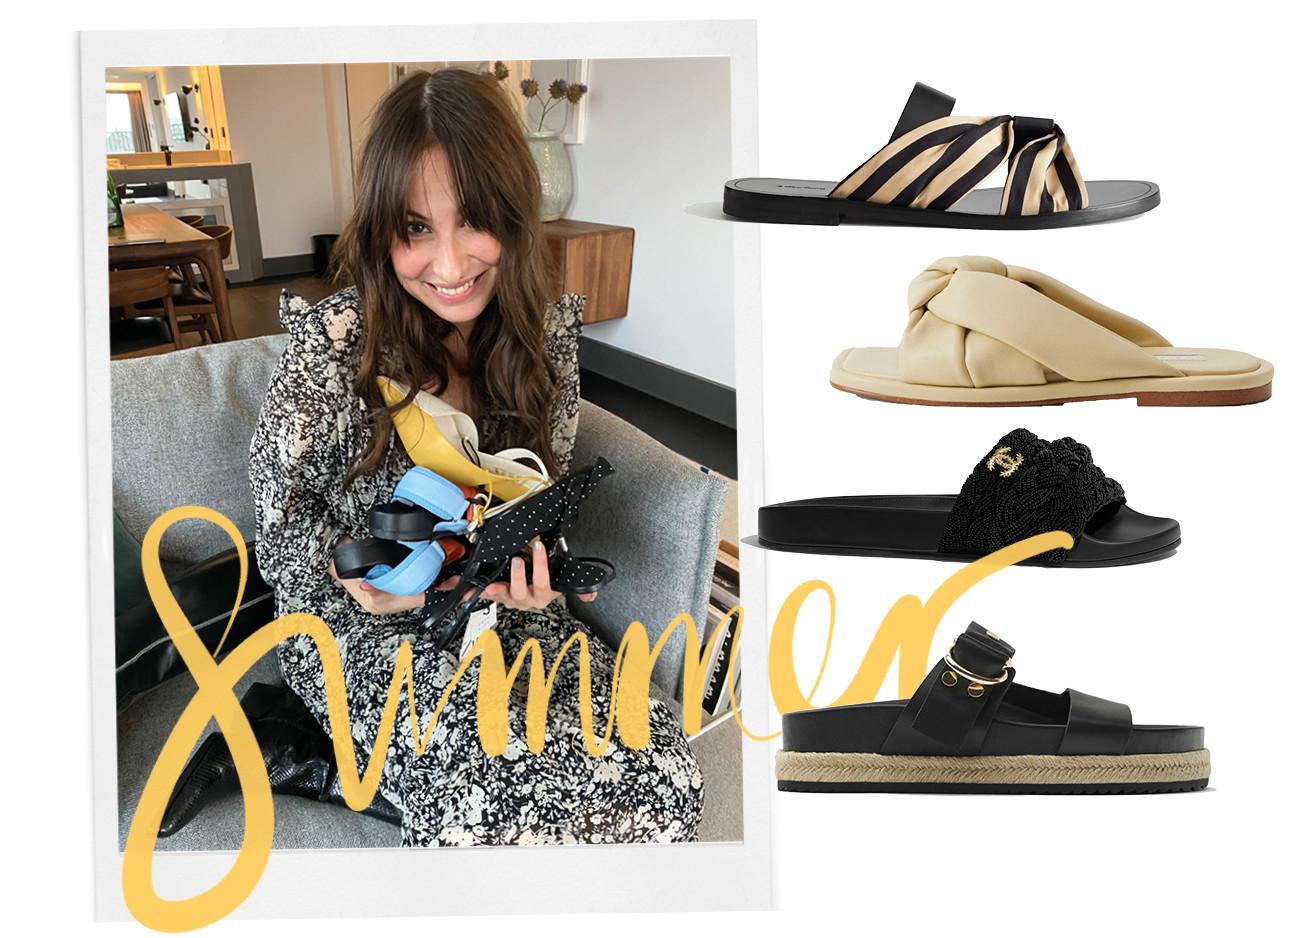 Lilian lachend met schoenen in haar handen